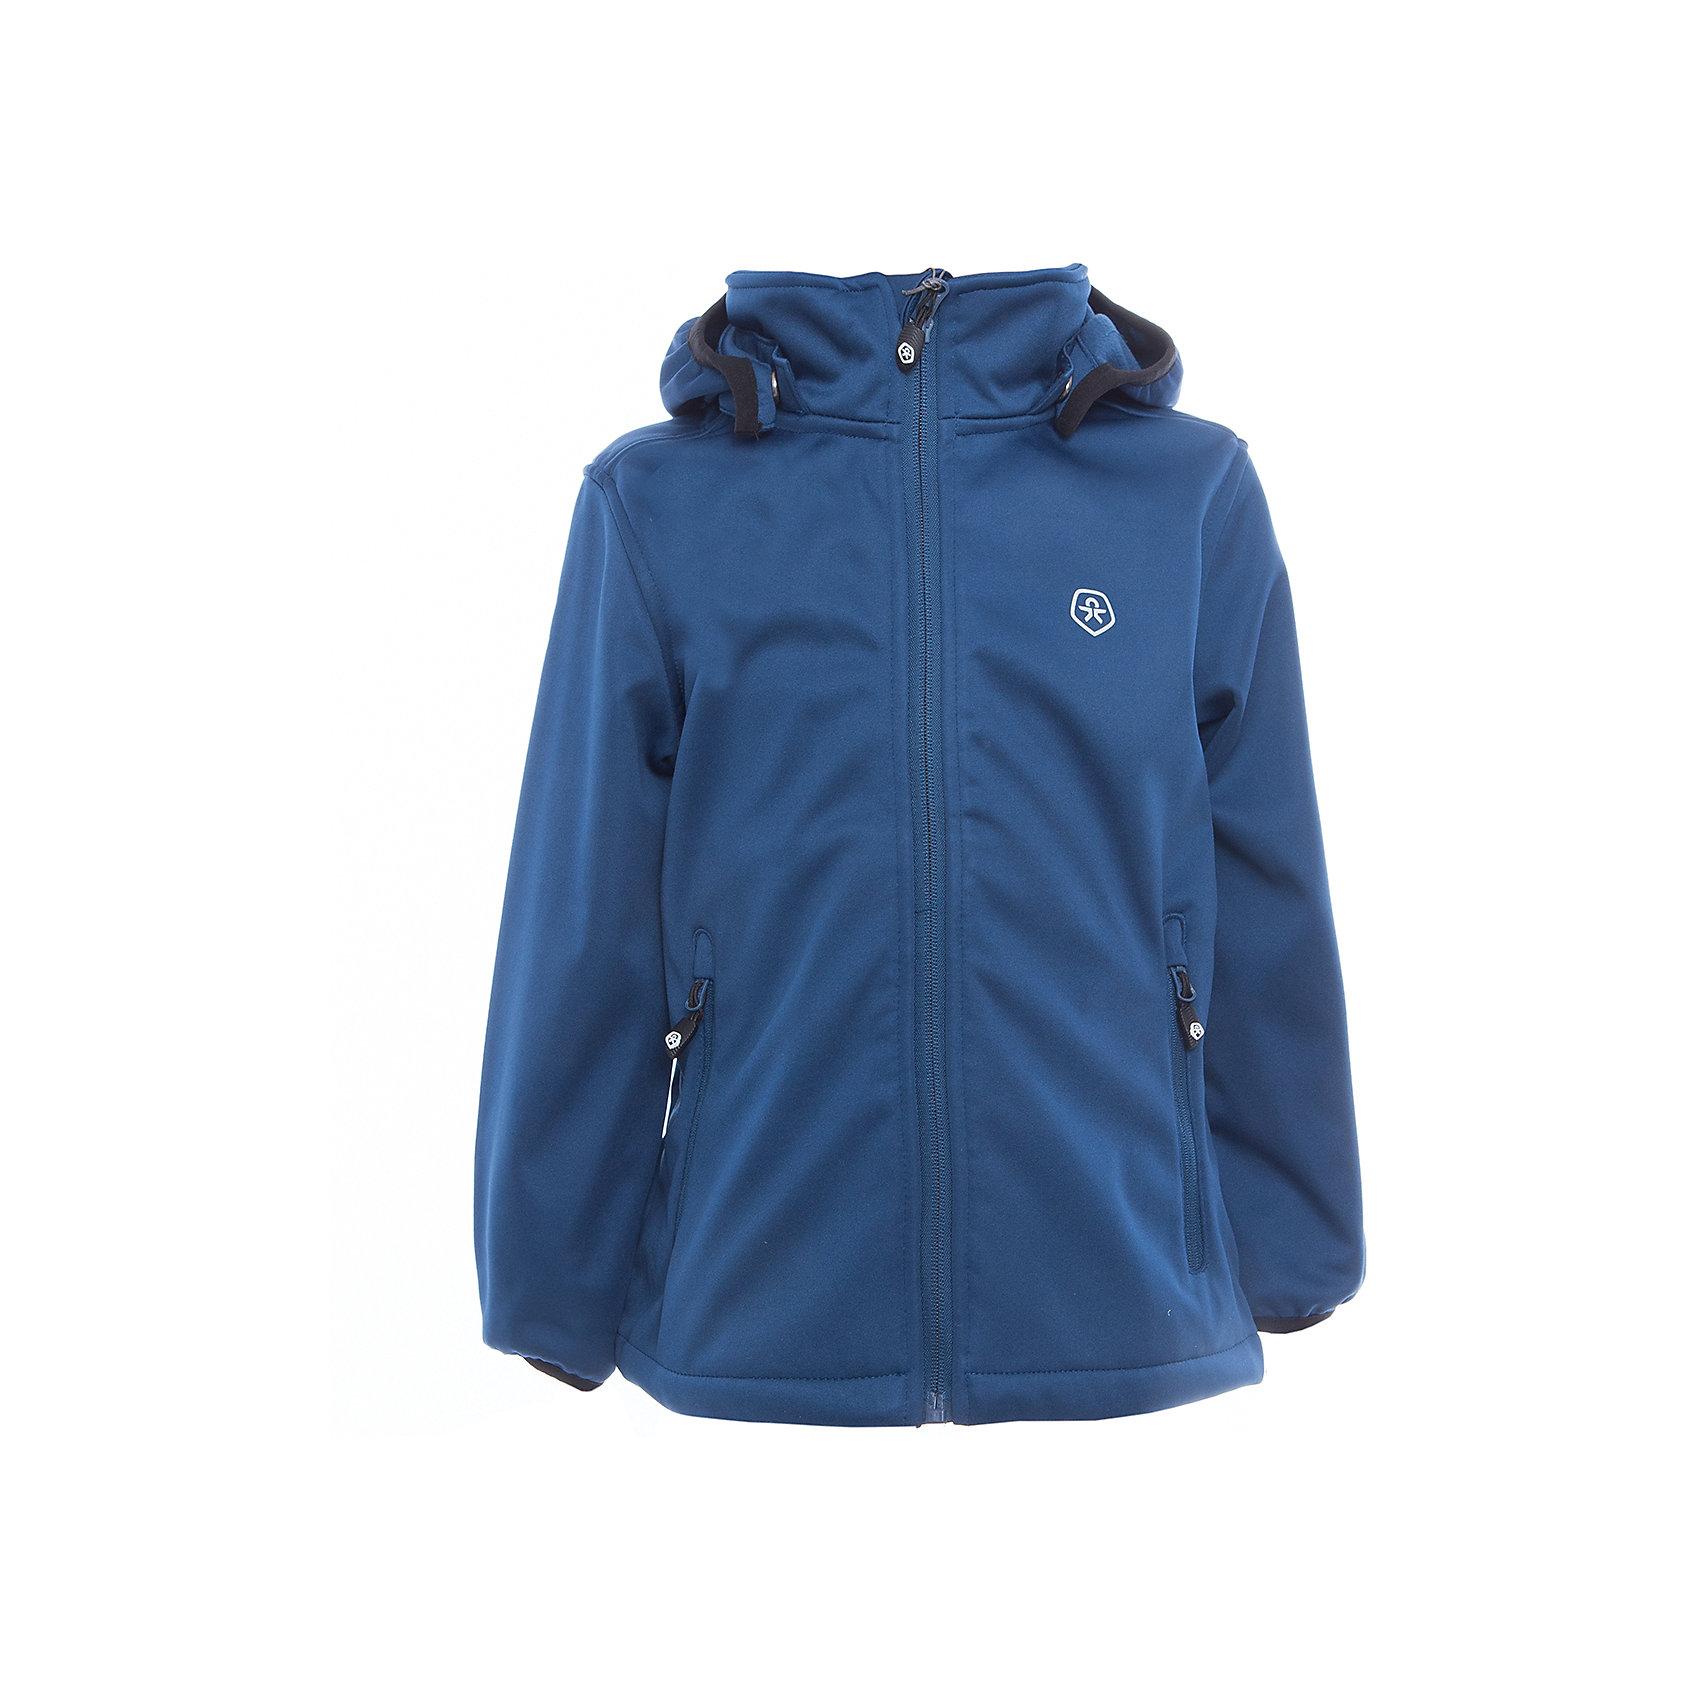 Куртка для мальчика Color KidsВерхняя одежда<br>Характеристики товара:<br><br>• цвет: синий<br>• состав: 100 % полиэстер, softshell клееный с флисом<br>• без утеплителя<br>• температурный режим: от +5°до +15°С<br>• мембранная технология<br>• водонепроницаемость: 5000 мм<br>• воздухопроницаемость: 1000 г/м2/24ч<br>• ветрозащитный<br>• регулируемый низ куртки<br>• светоотражающие детали<br>• застежка: молния<br>• съёмный капюшон на кнопках<br>• защита подбородка<br>• два кармана на молнии<br>• логотип<br>• страна бренда: Дания<br><br>Эта симпатичная и удобная куртка сделана из непромокаемого легкого материала, поэтому отлично подойдет для дождливой погоды в весенне-летний сезон. Она комфортно сидит и обеспечивает ребенку необходимое удобство. Очень стильно смотрится. <br><br>Куртку для мальчика от датского бренда Color Kids (Колор кидз) можно купить в нашем интернет-магазине.<br><br>Ширина мм: 356<br>Глубина мм: 10<br>Высота мм: 245<br>Вес г: 519<br>Цвет: синий<br>Возраст от месяцев: 24<br>Возраст до месяцев: 36<br>Пол: Мужской<br>Возраст: Детский<br>Размер: 98,104,110,116,122,140,152,92<br>SKU: 5443270